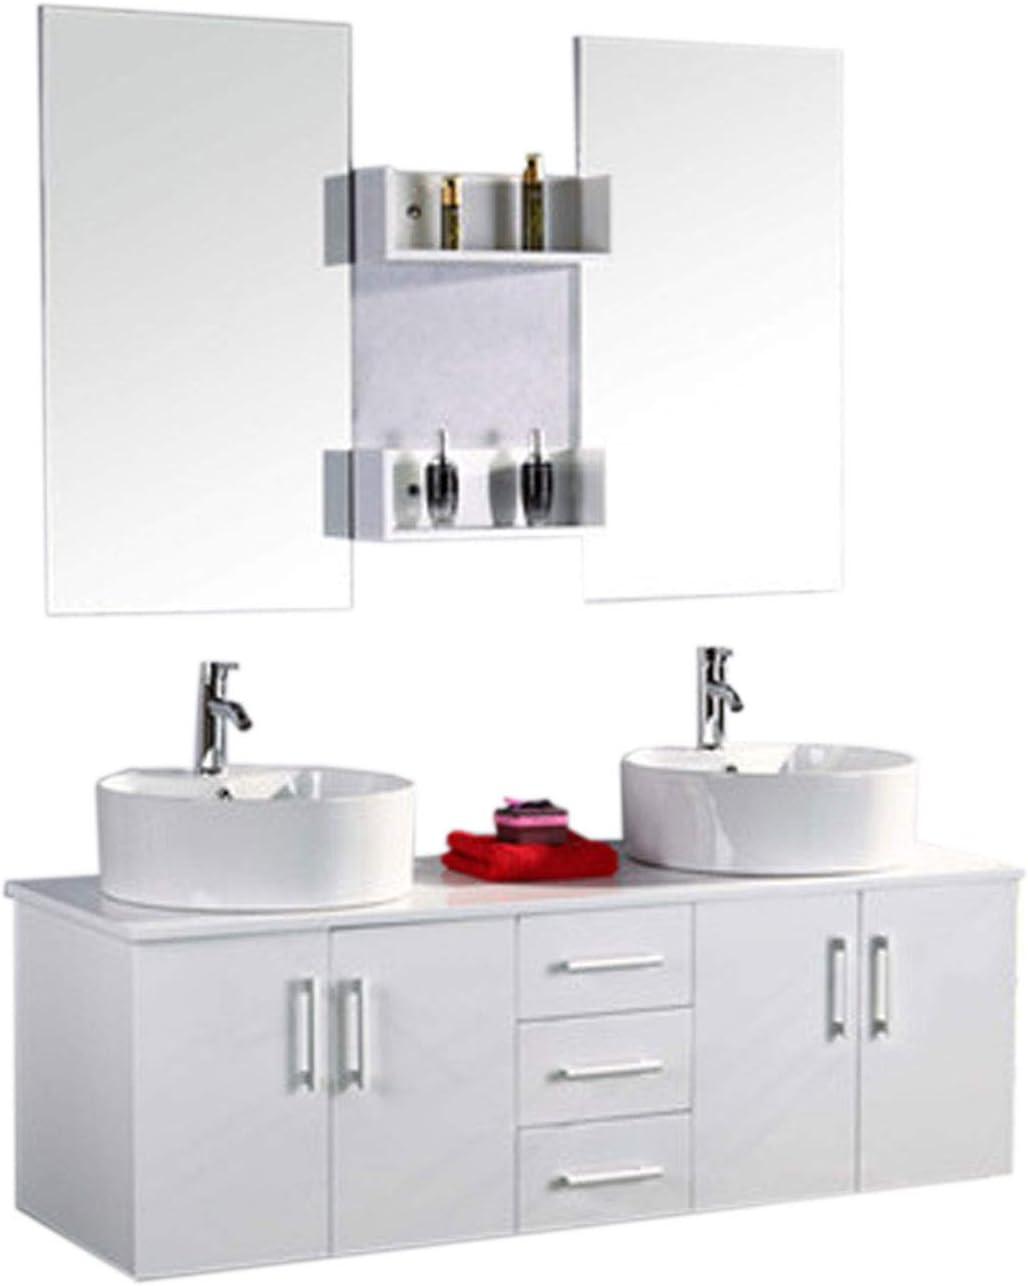 Muebles para baño para cuarto de baño con espejo baño 150 cm grifos incluido mueble + 2 espejos + repisas + grifería + fregaderos